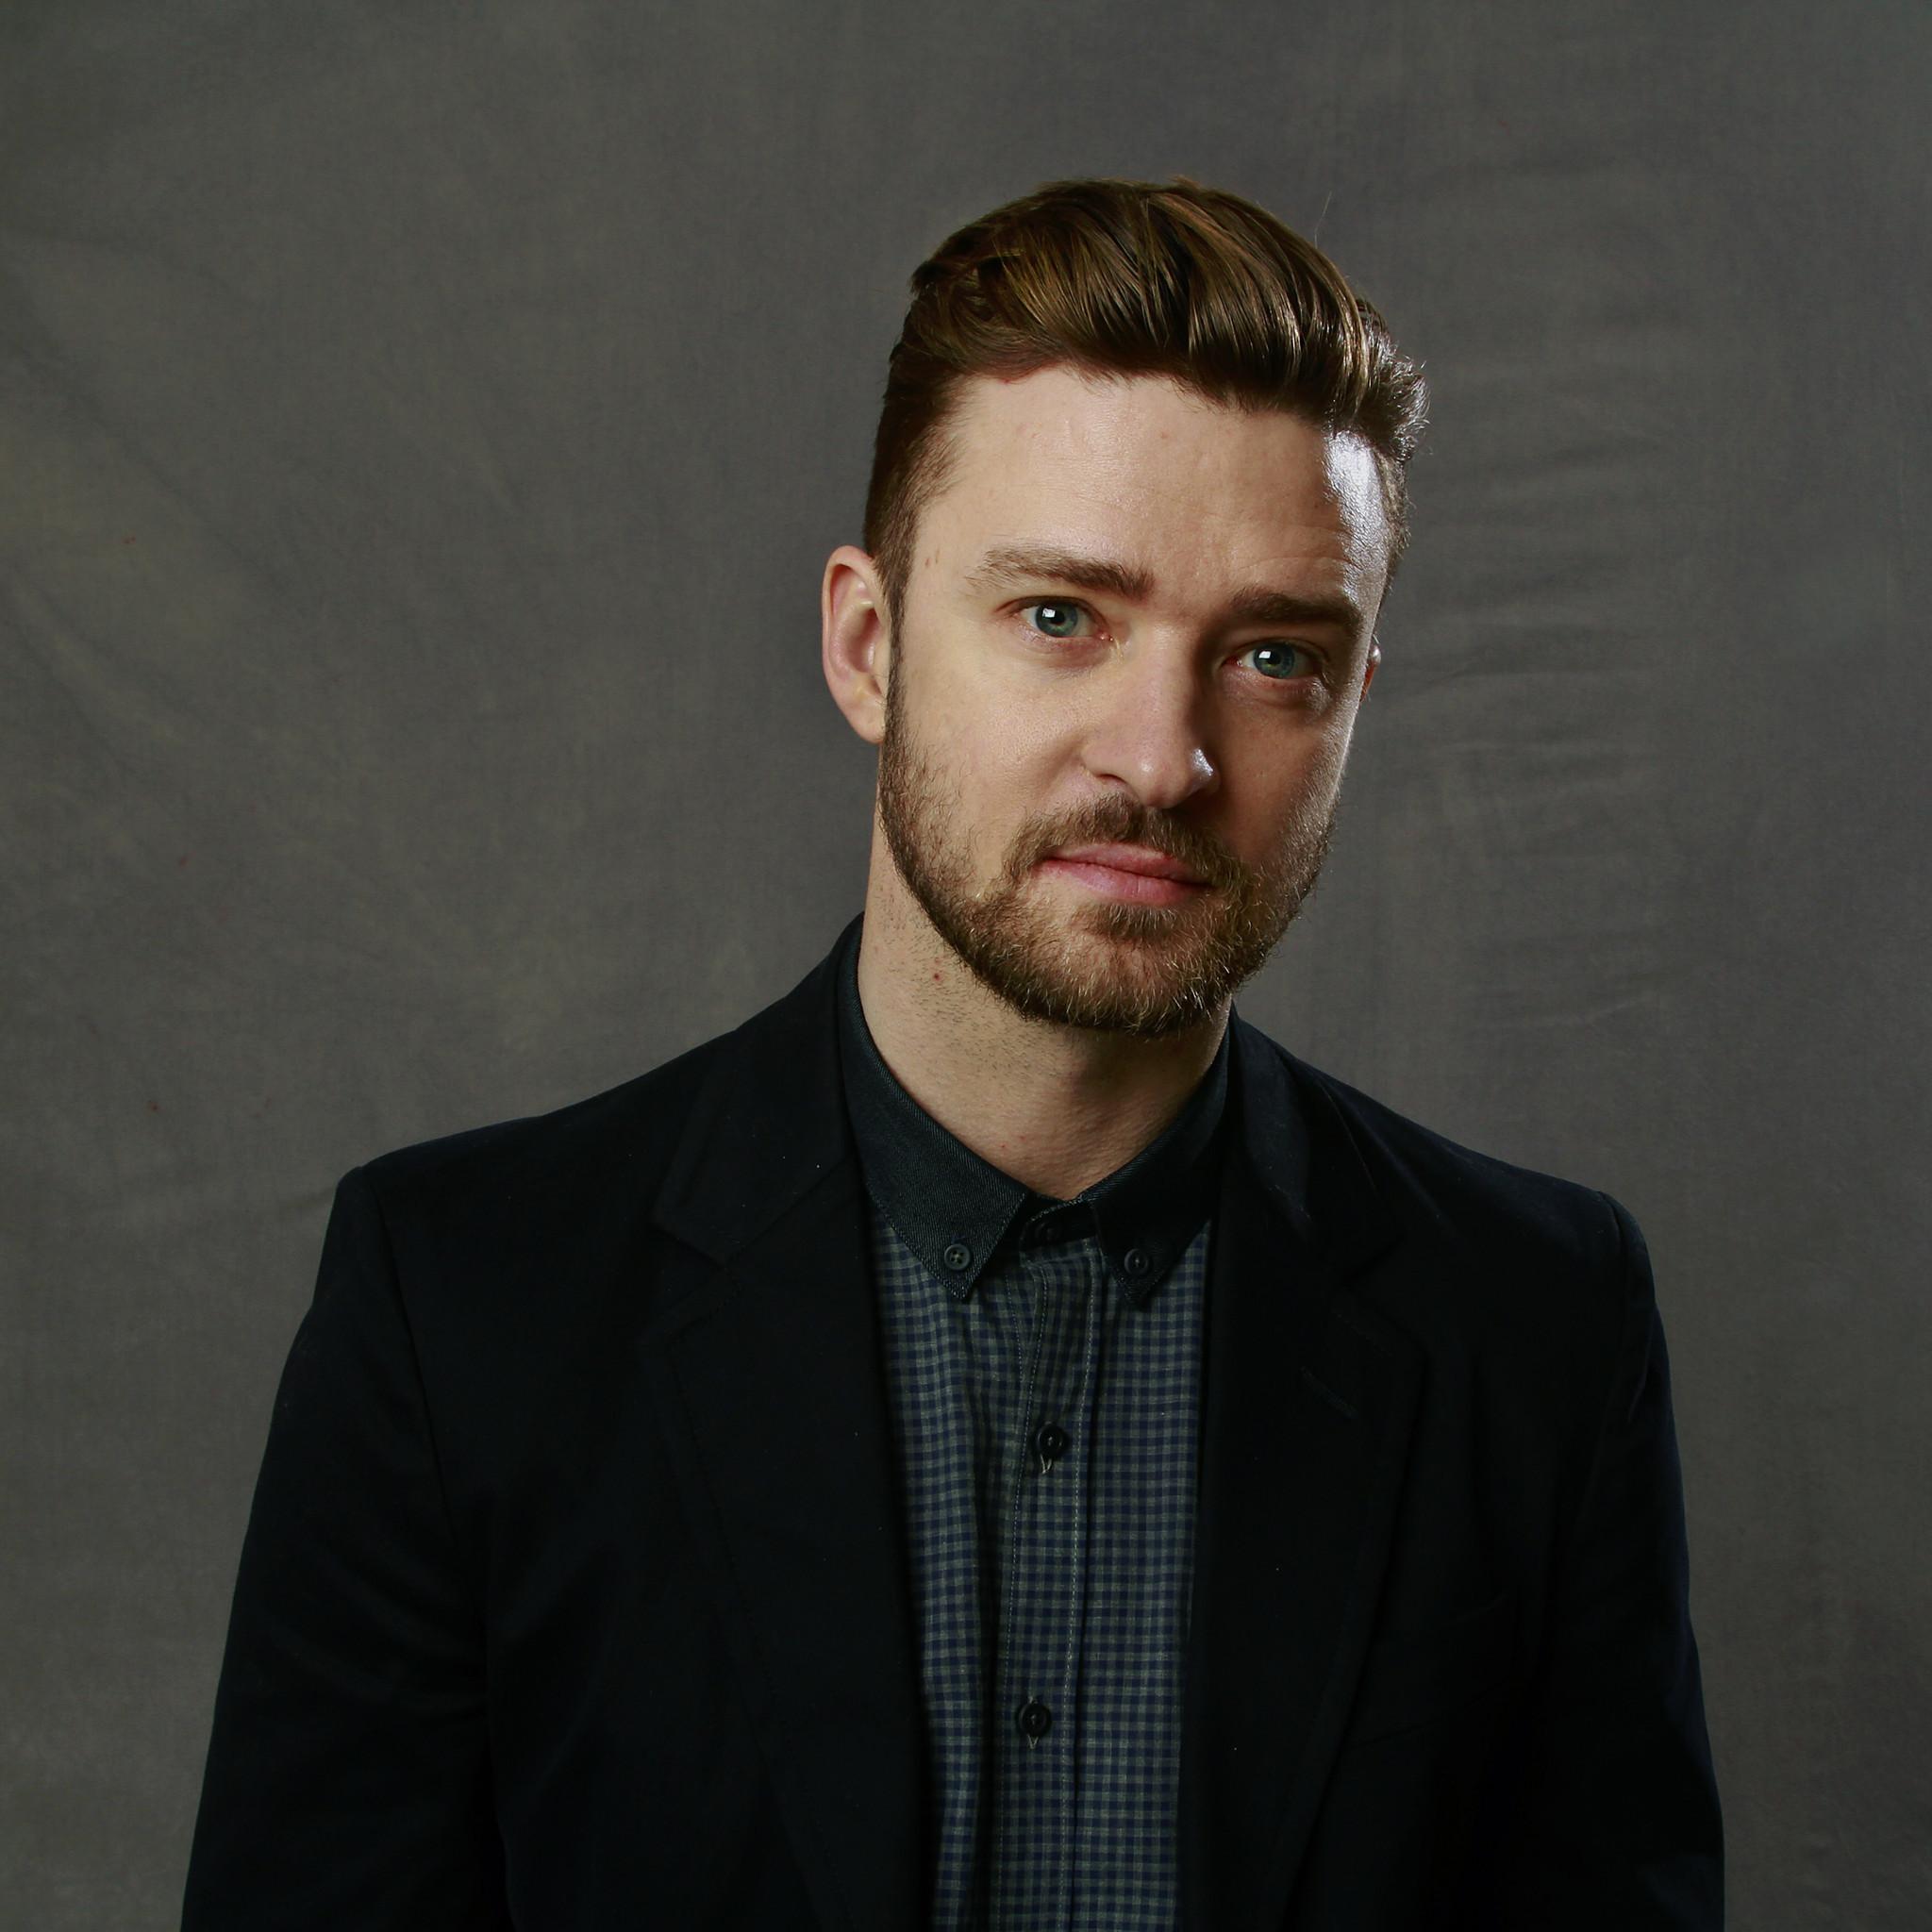 Justin Timberlake Justin Timberlake s Not a Bad